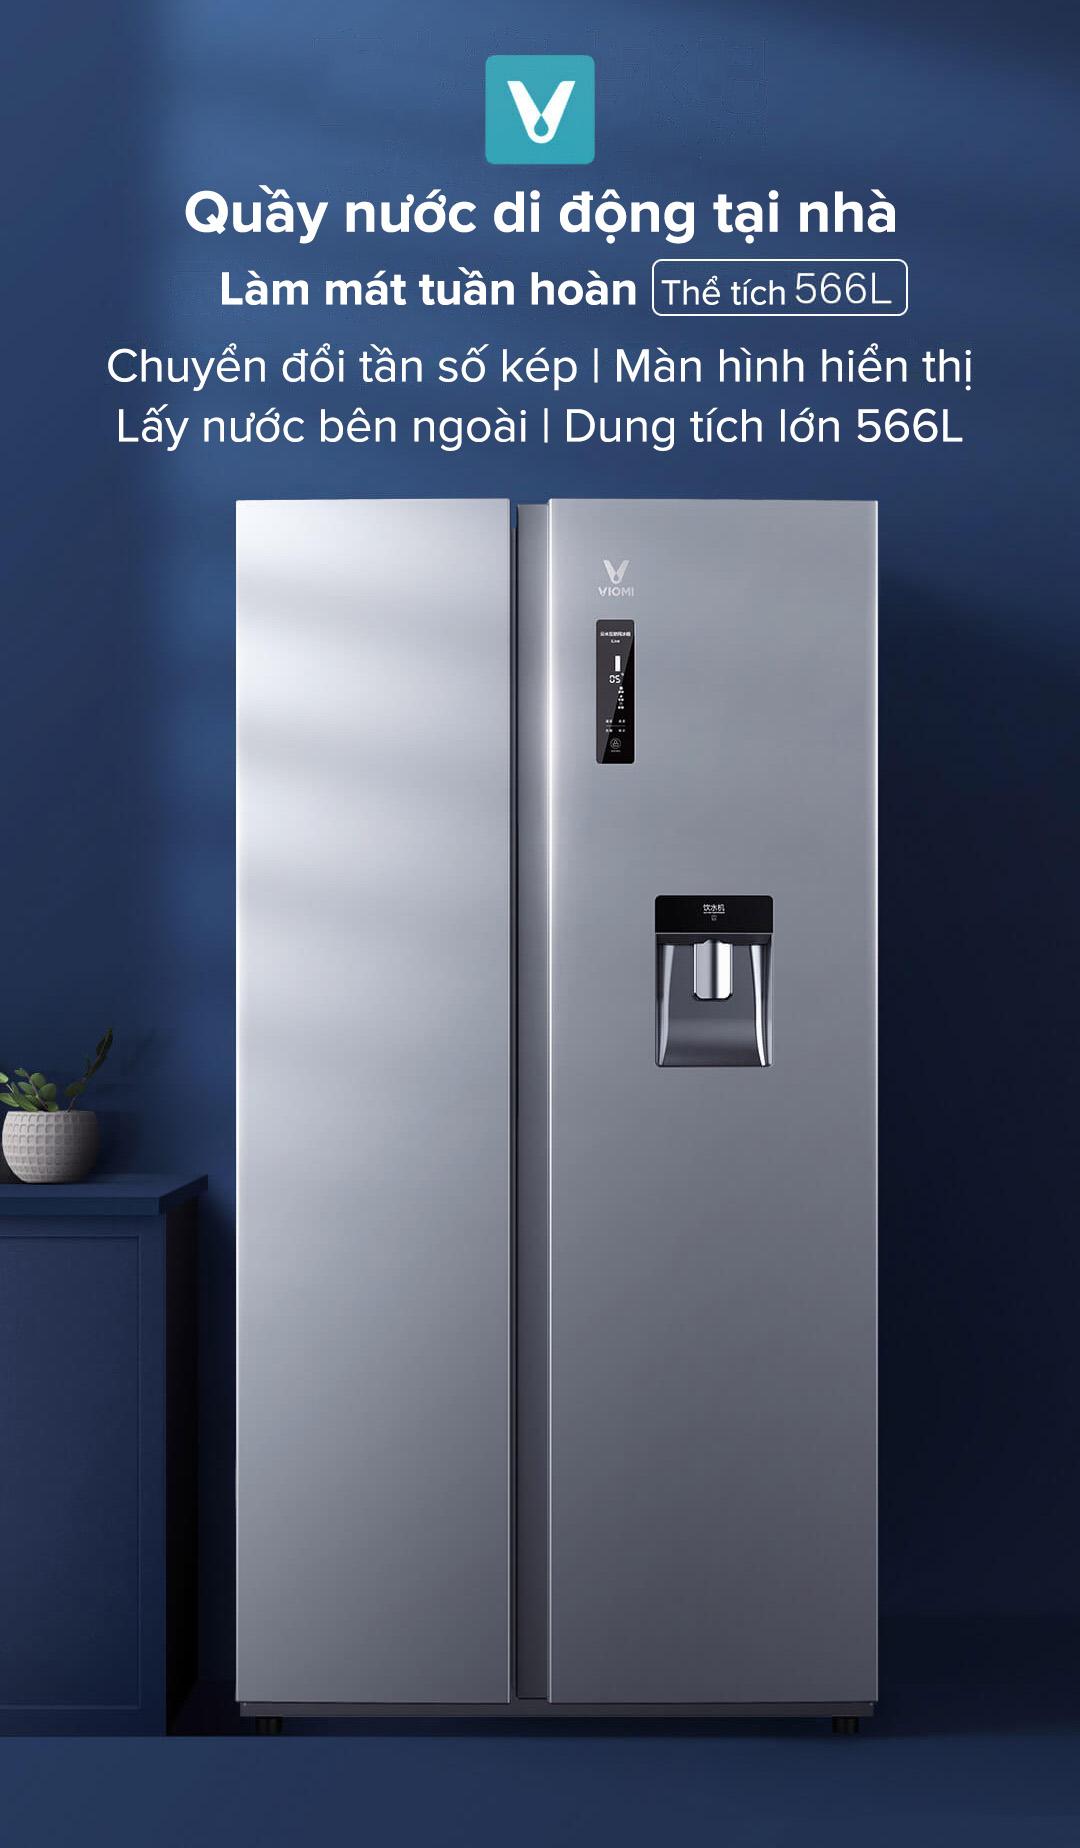 tủ lạnh thông minh lấy nước bên ngoài Xiaomi BCD-566WMSADO4A